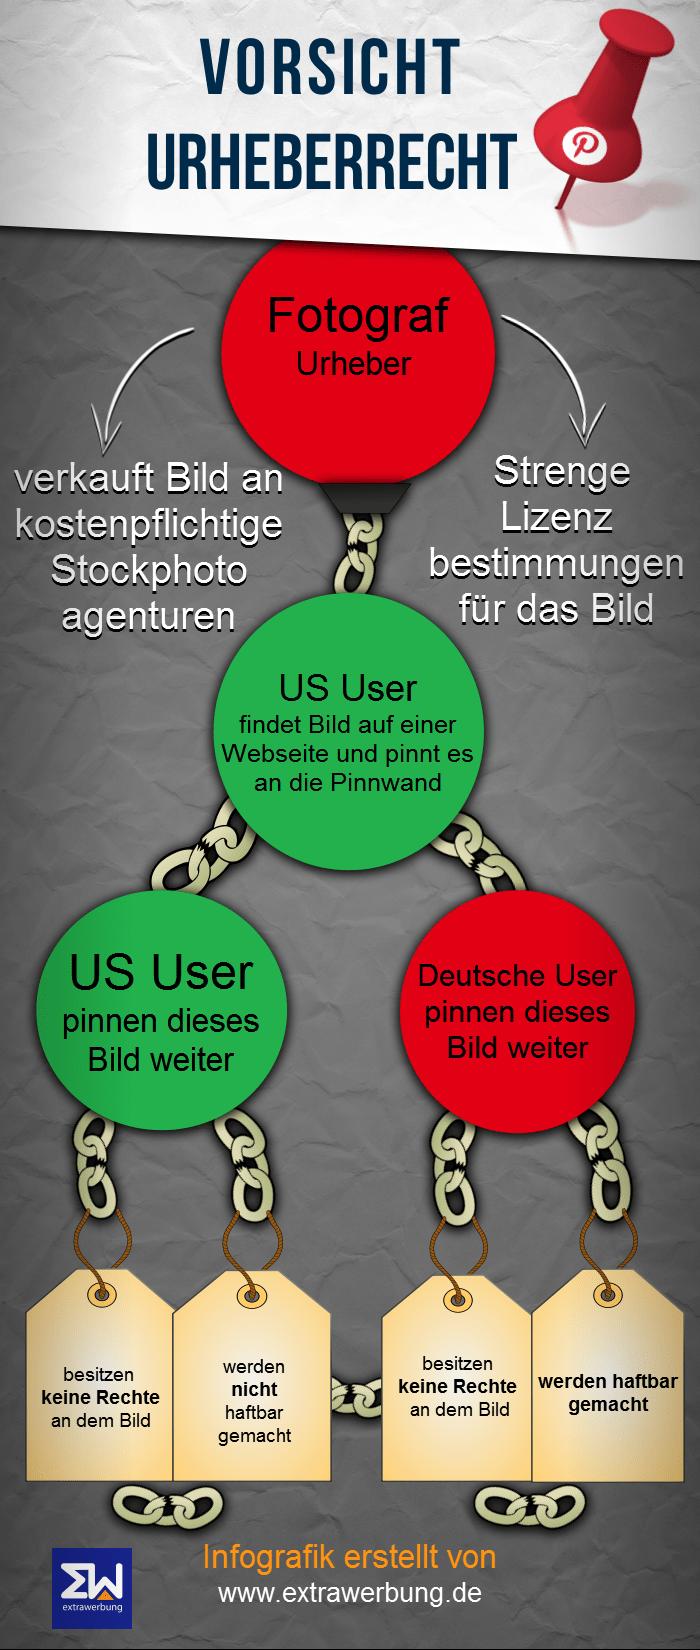 Urheberrecht__Pinterest